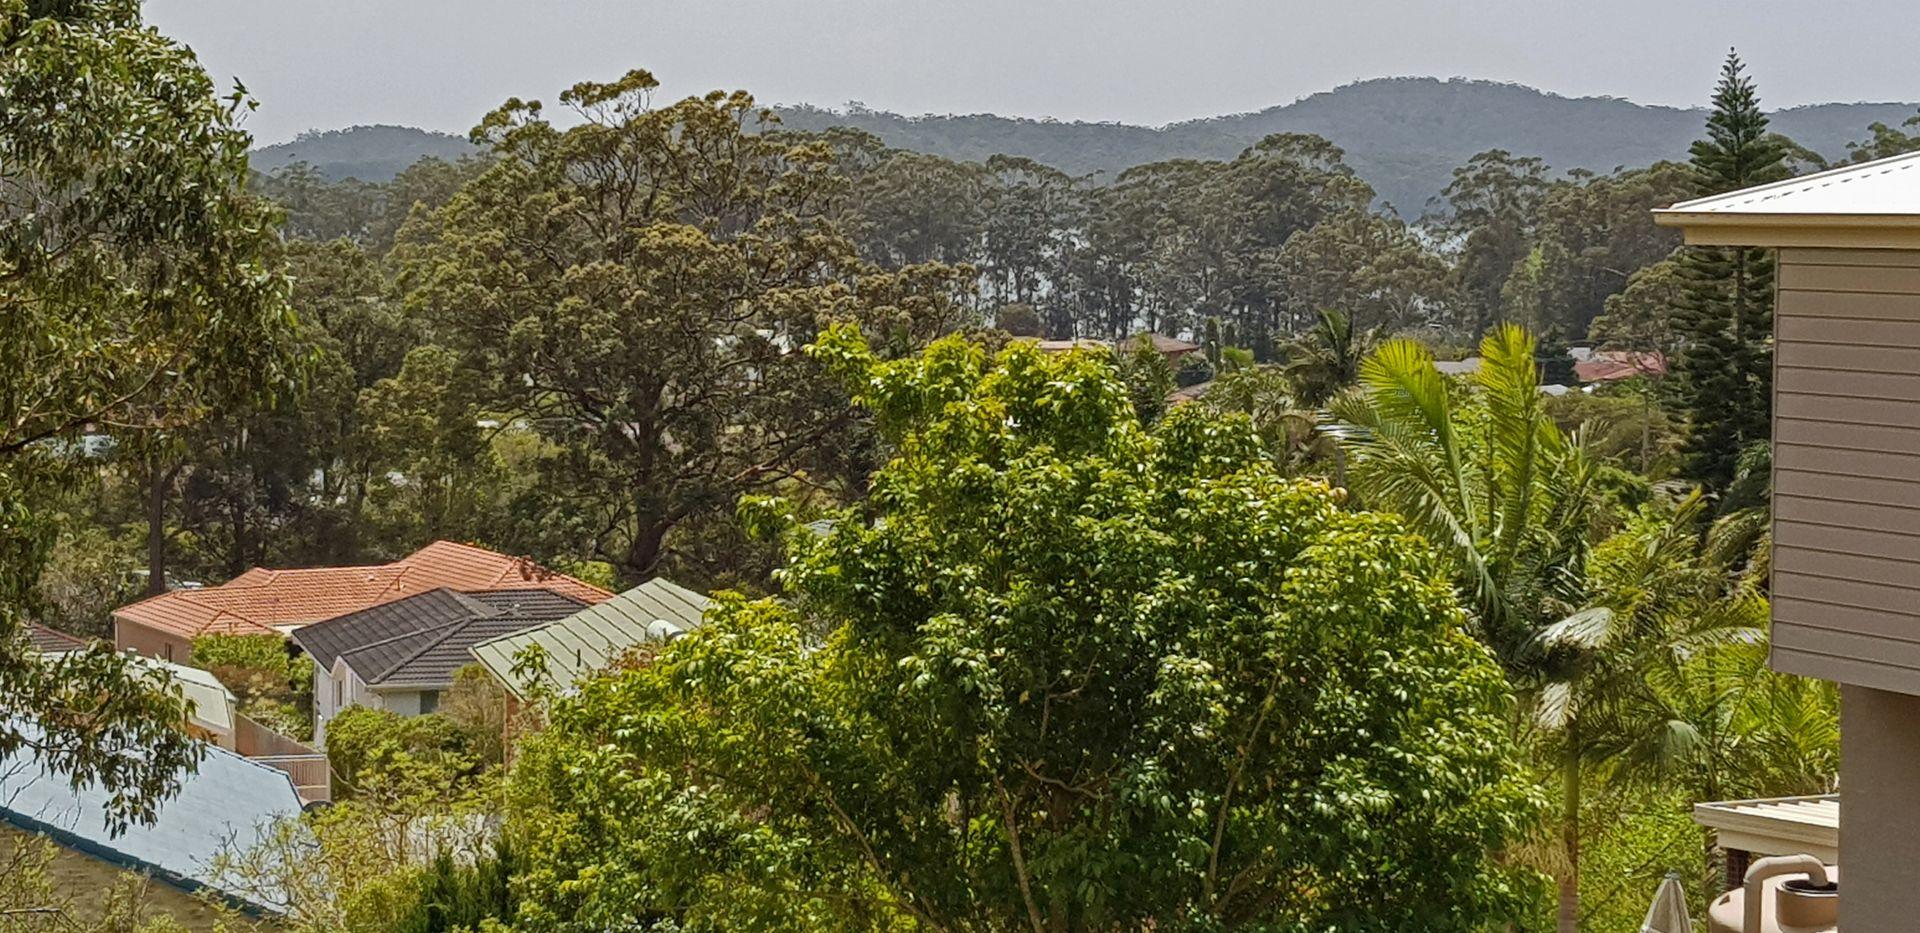 Lot 83 Admirals Circle, Lakewood NSW 2443, Image 0